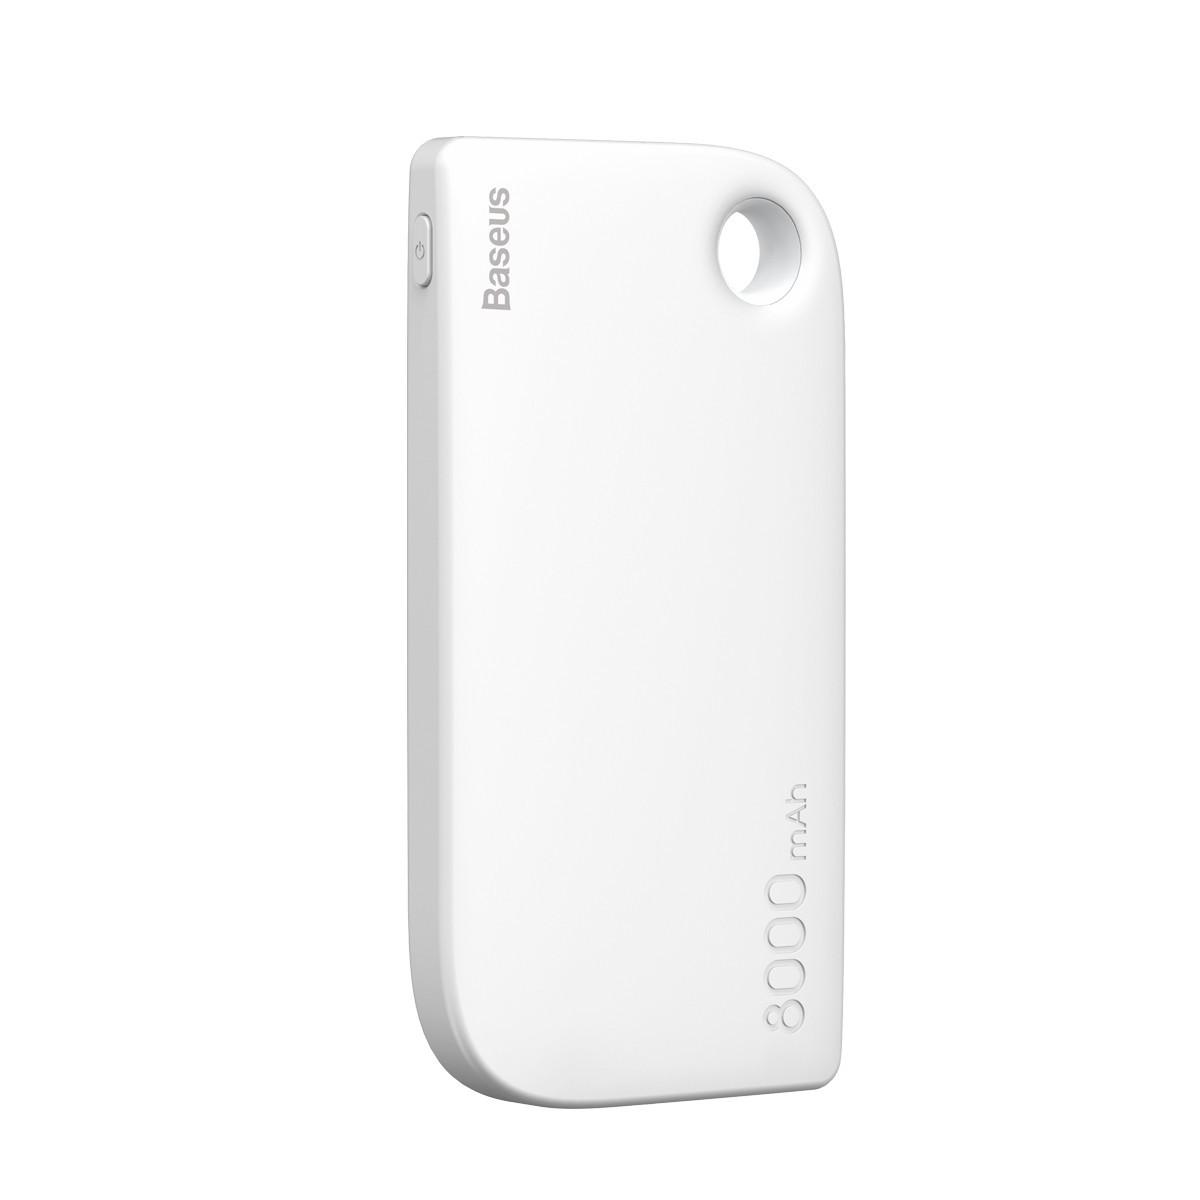 Внешний Аккумулятор Baseus Fan 8000mAh White (PPM11-02)